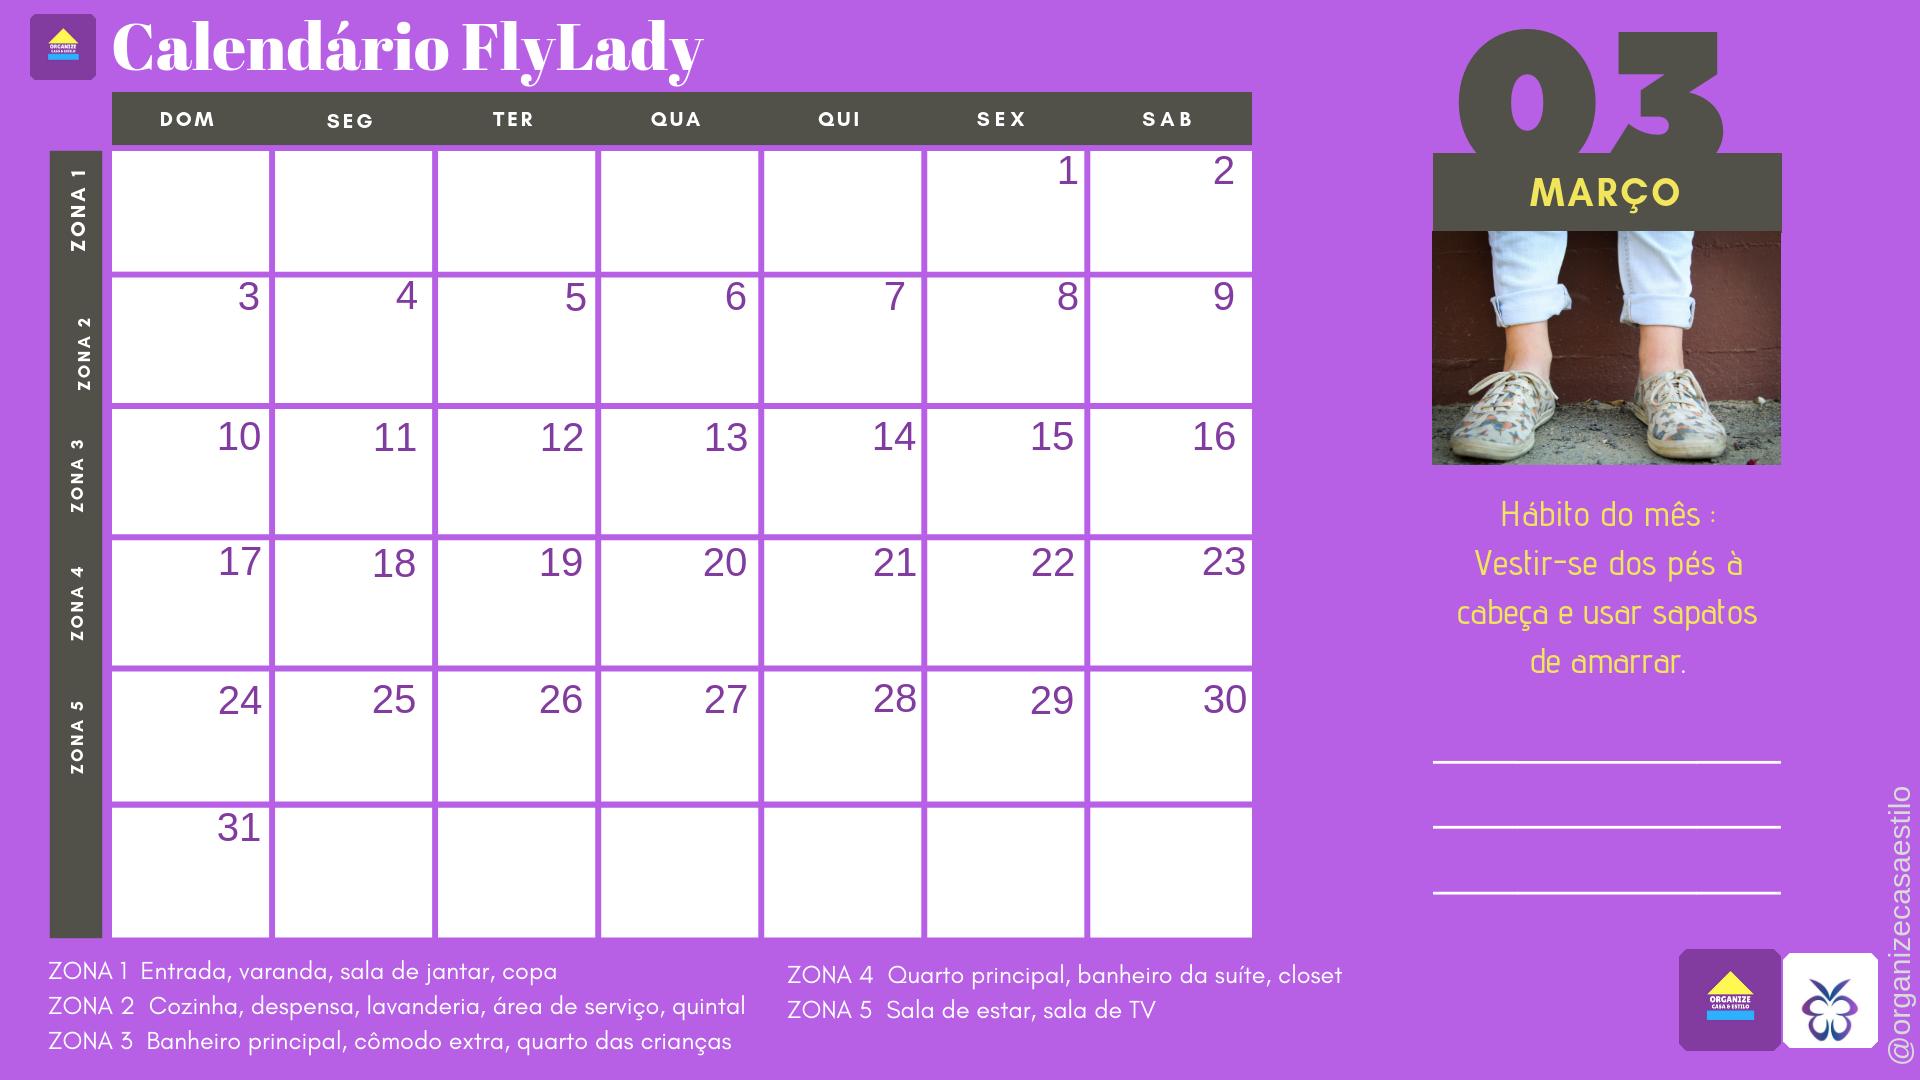 Calendario Flylady.Programe Suas Tarefas Domesticas Com O Calendario Flylady